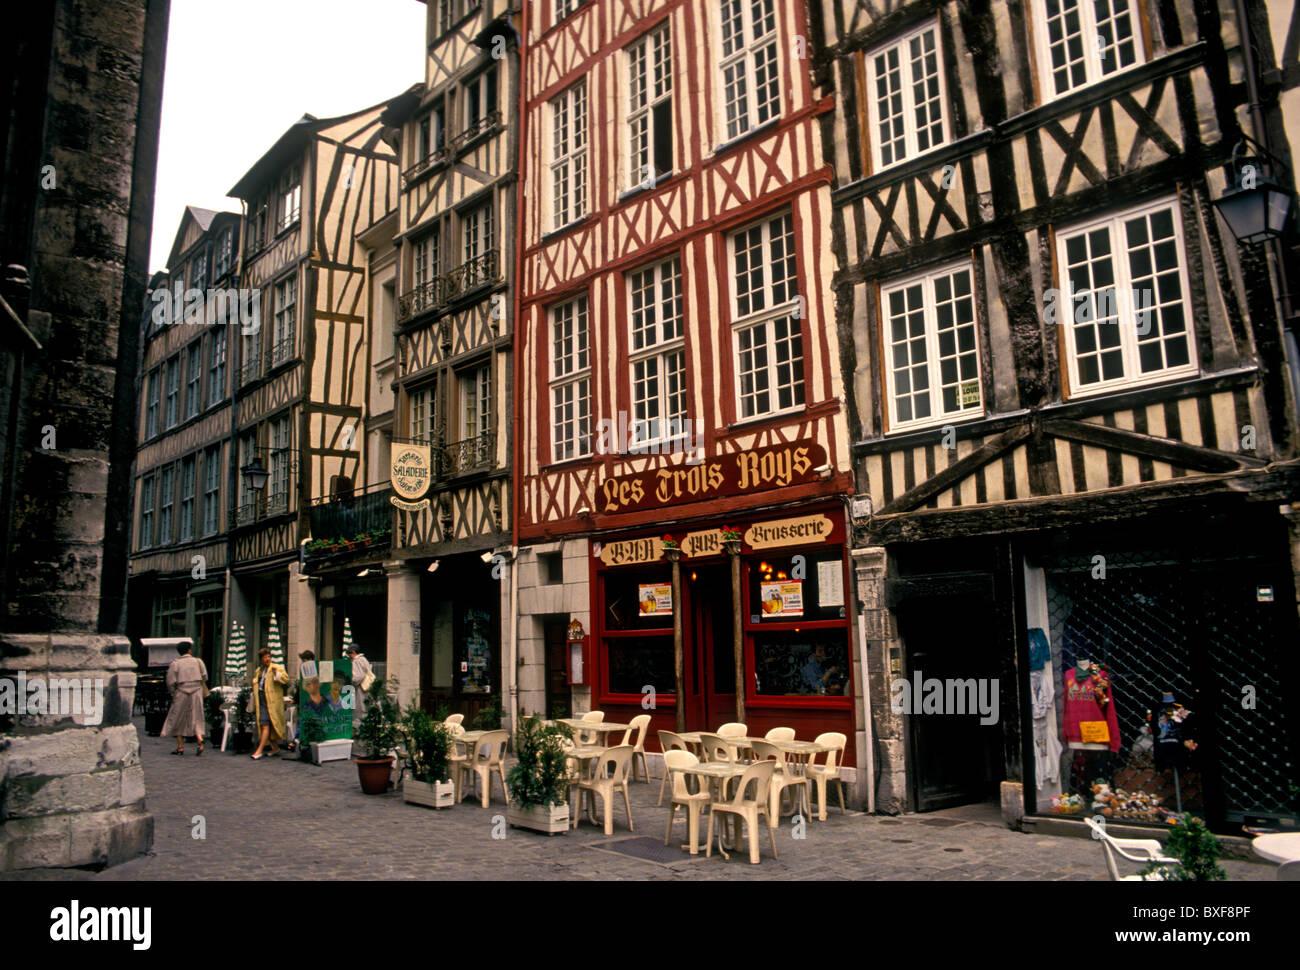 les trois roys restaurant rue de martainville city of rouen upper stock photo 33527607 alamy. Black Bedroom Furniture Sets. Home Design Ideas